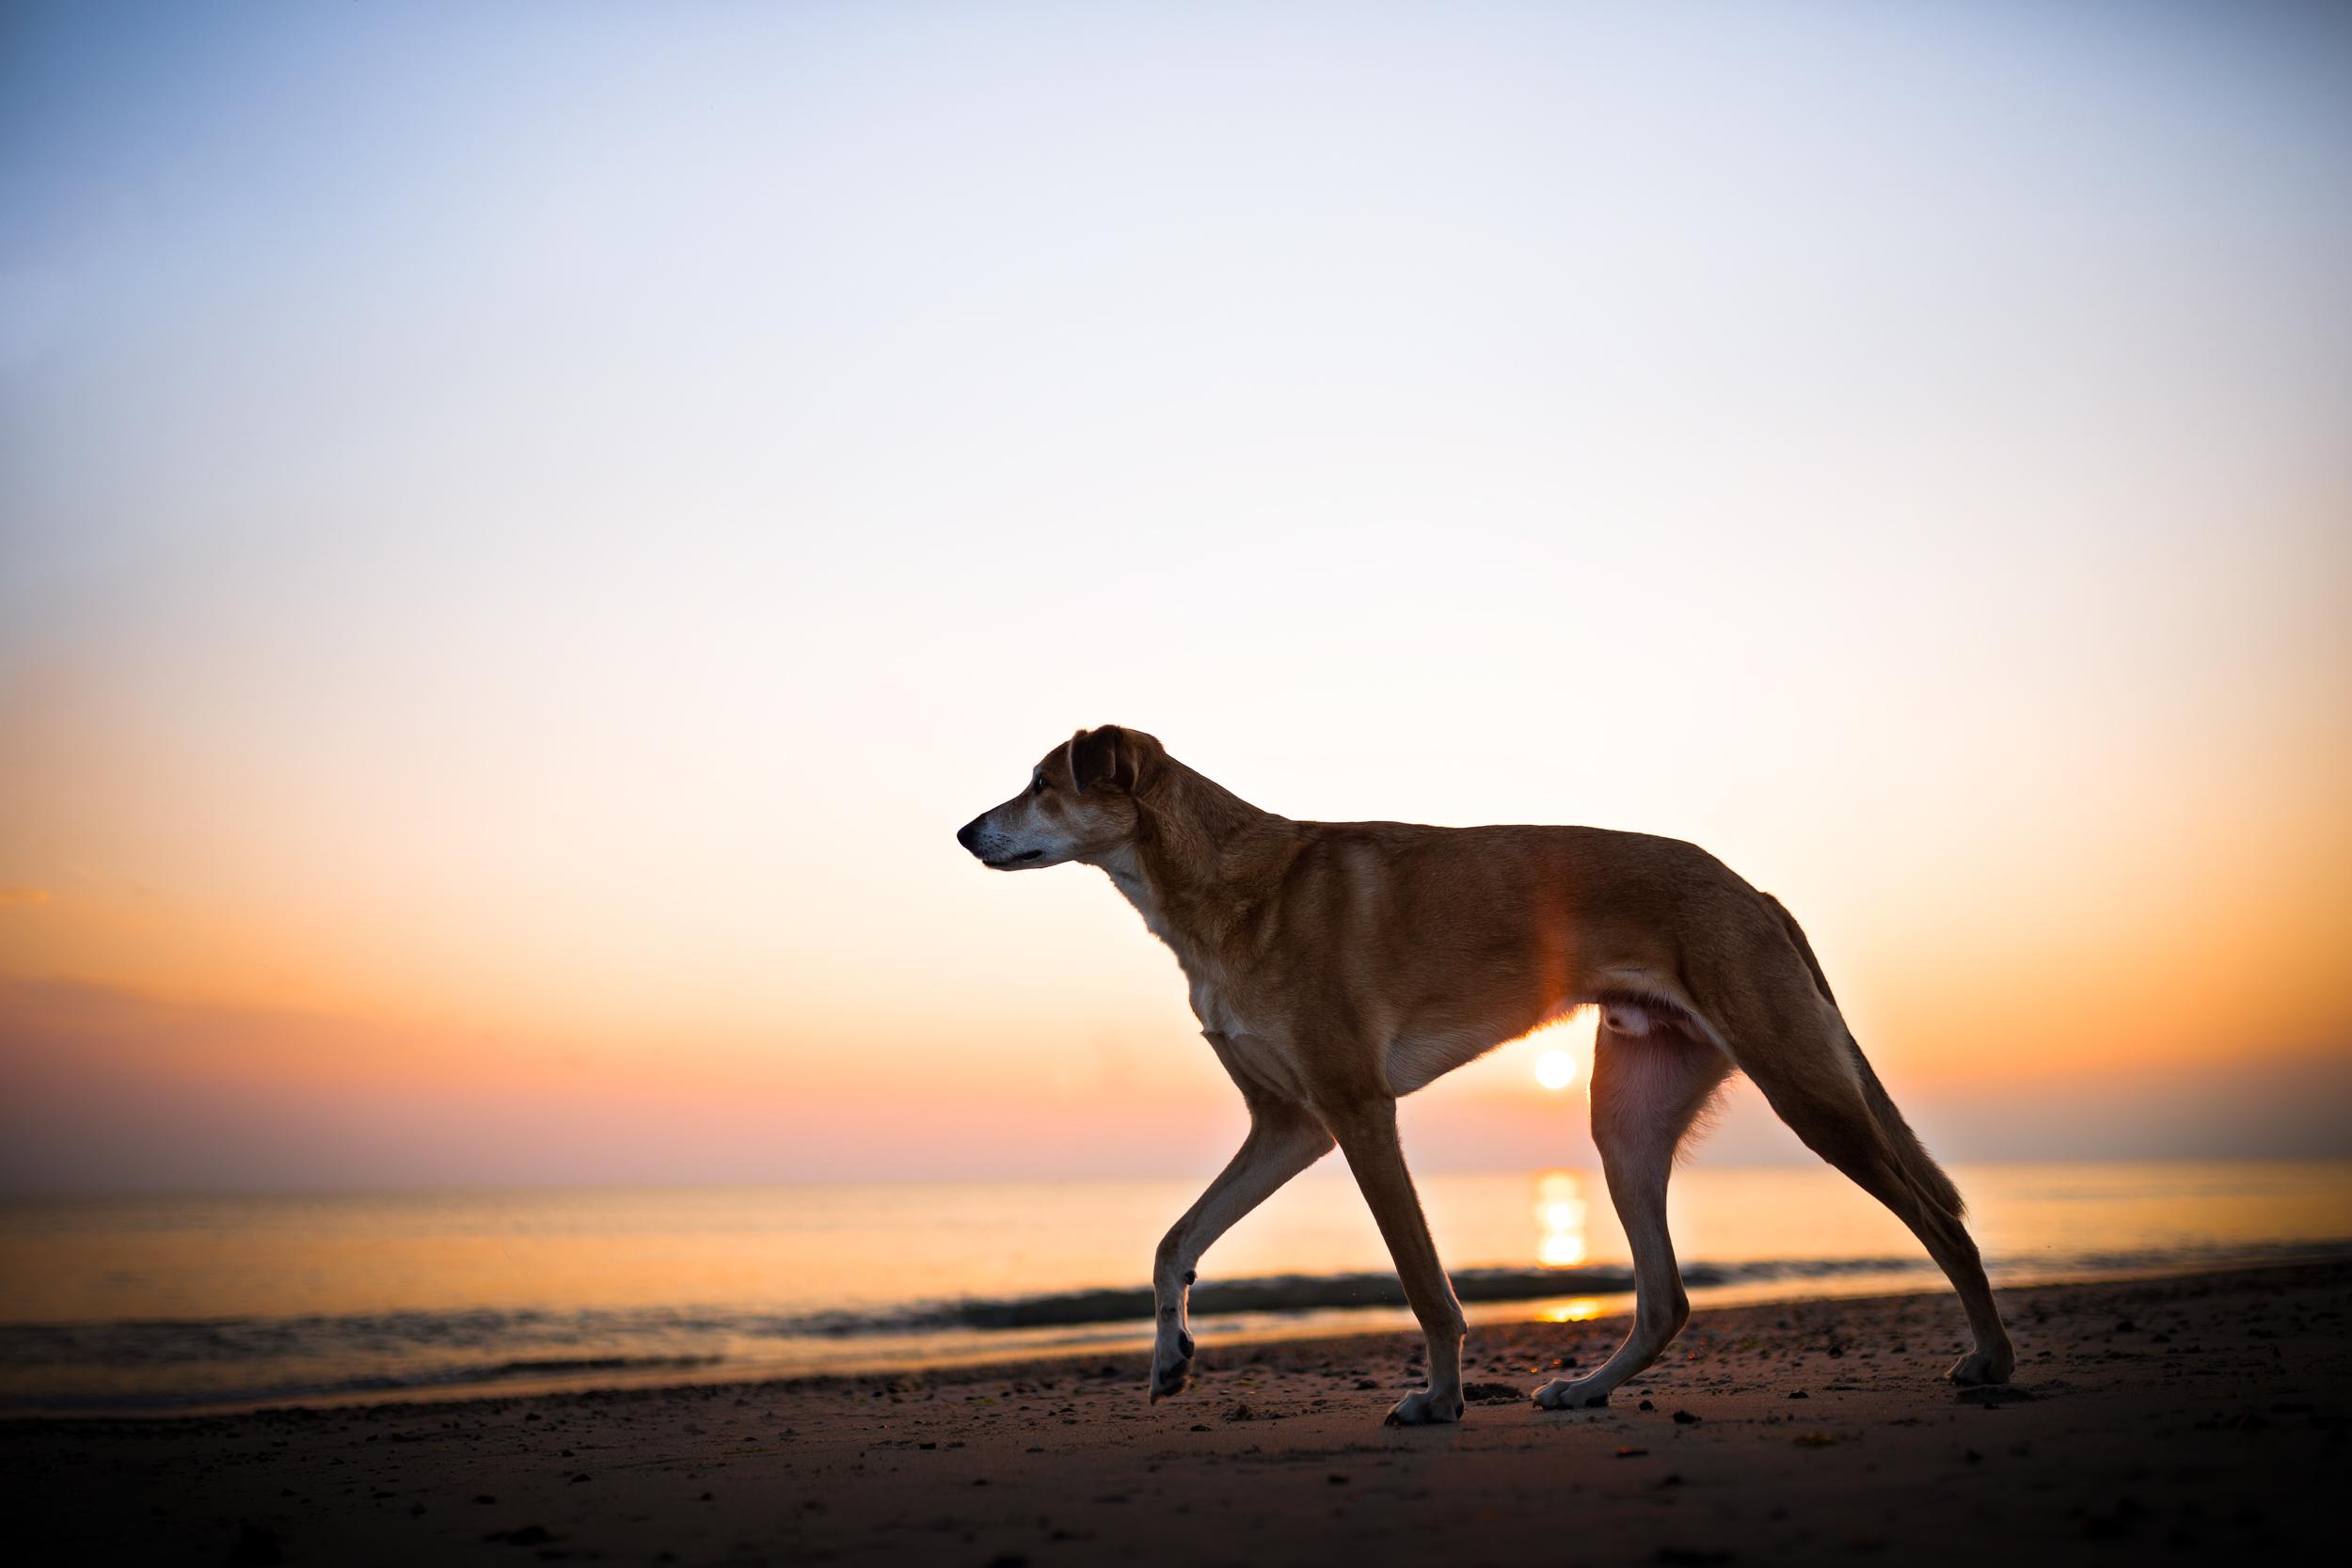 Windhundmischling im Sonnenuntergang an der Kueste von Daenemark